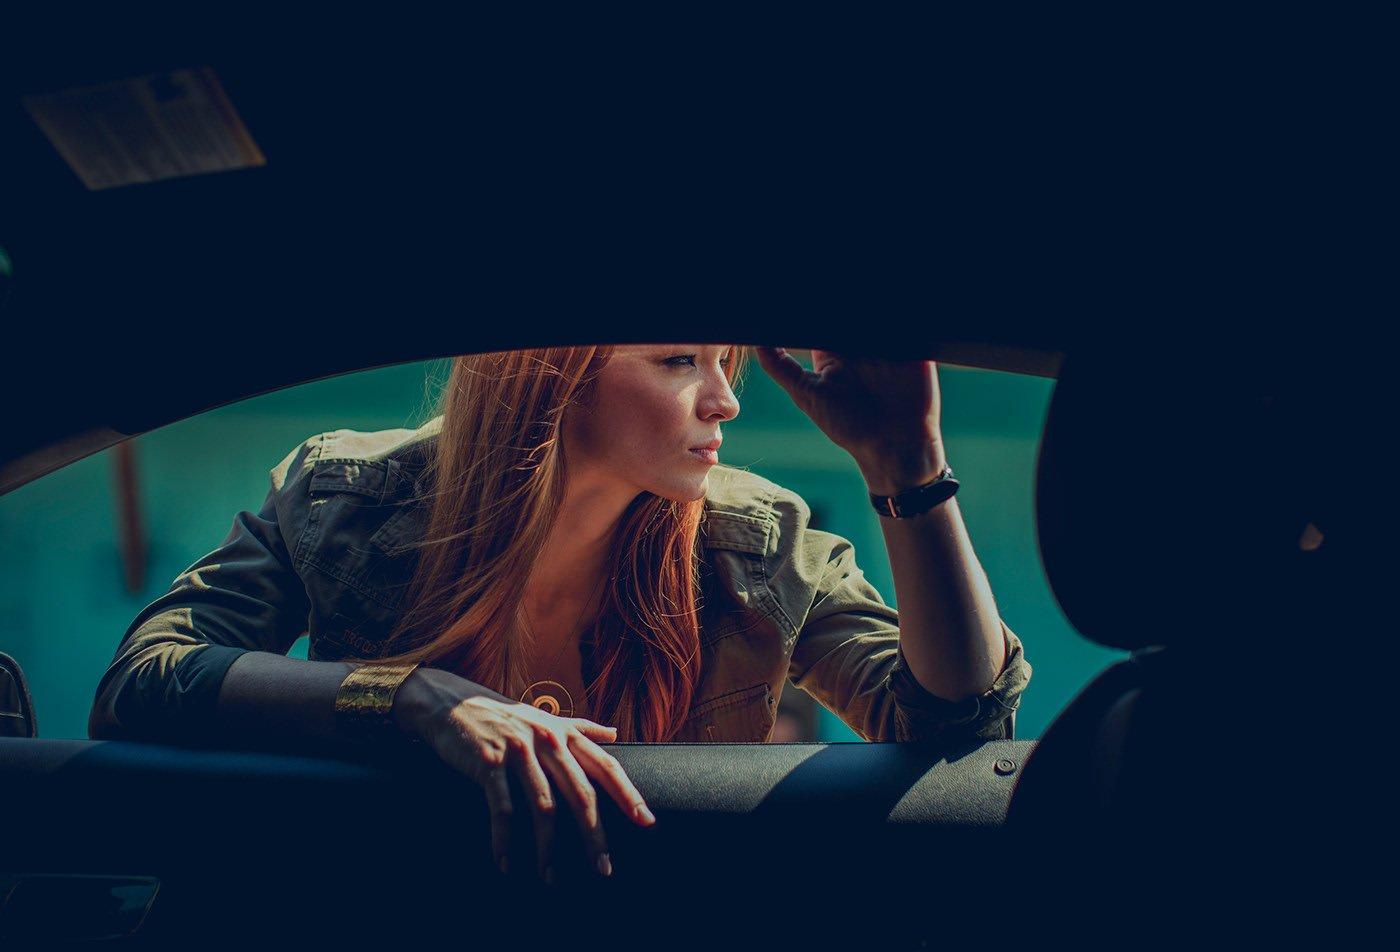 Ngắm nàng thơ bên xe Ford Mustang mạnh mẽ - Ảnh 1.